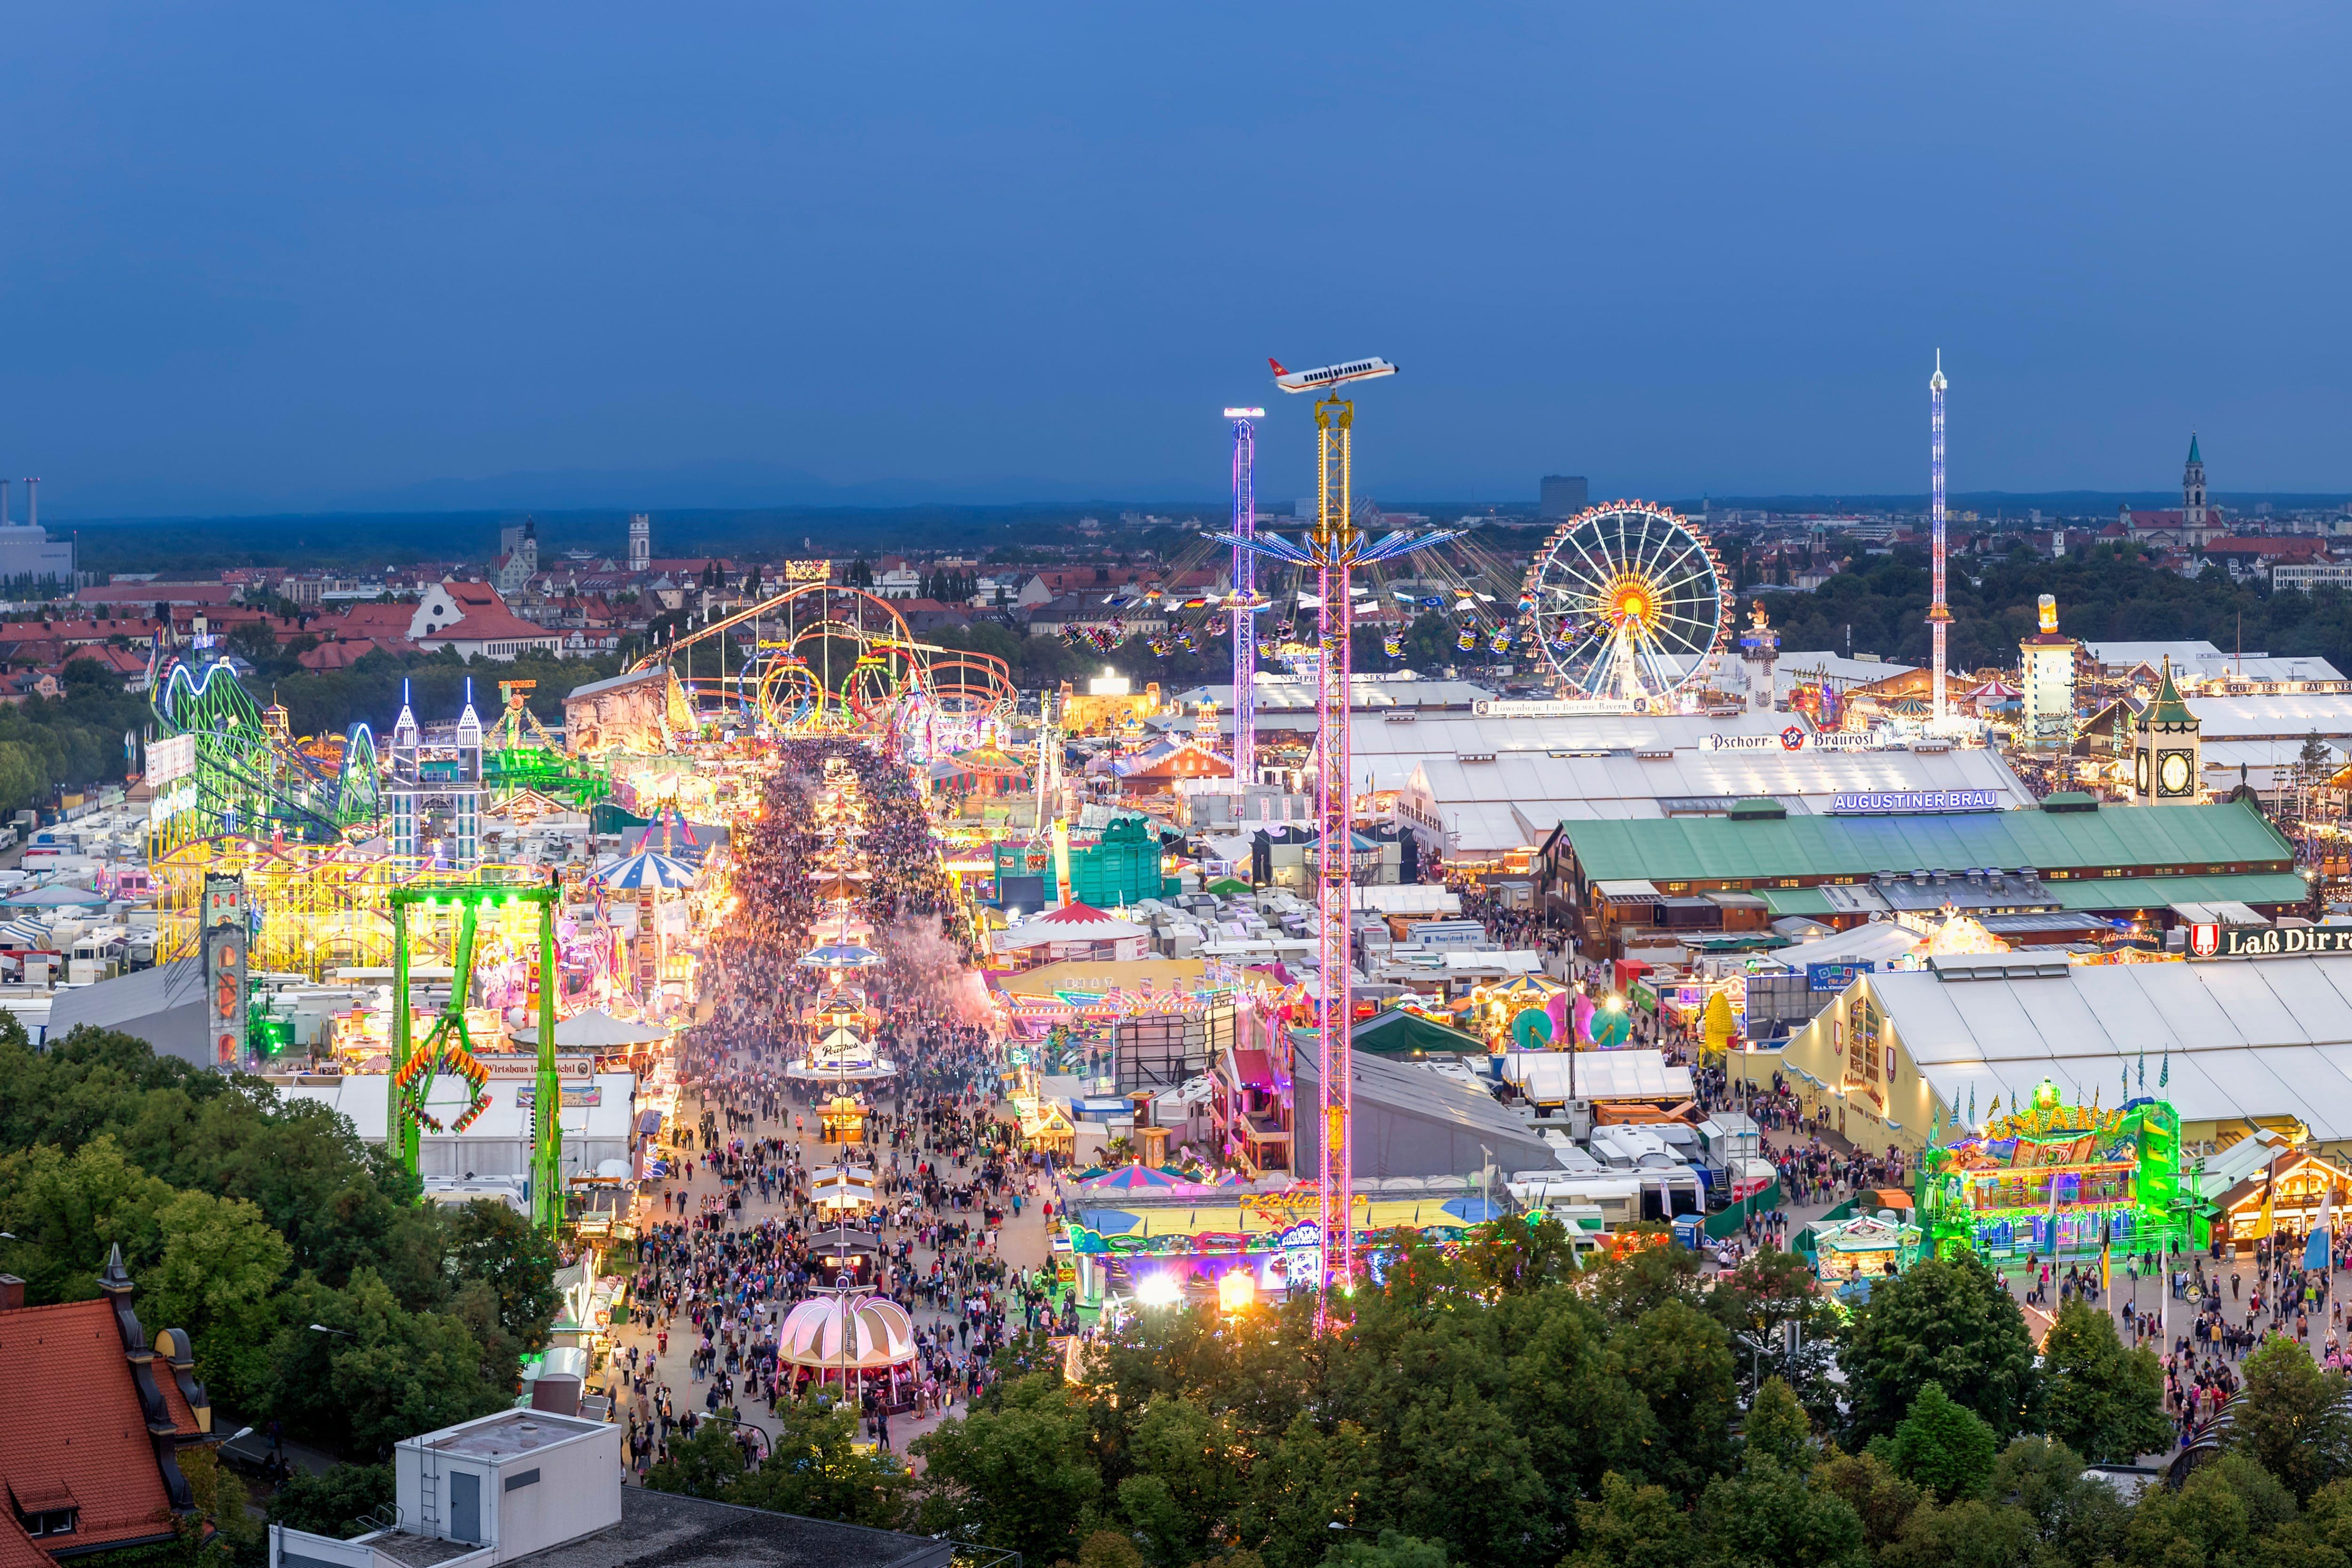 Oktoberfest funfair by night